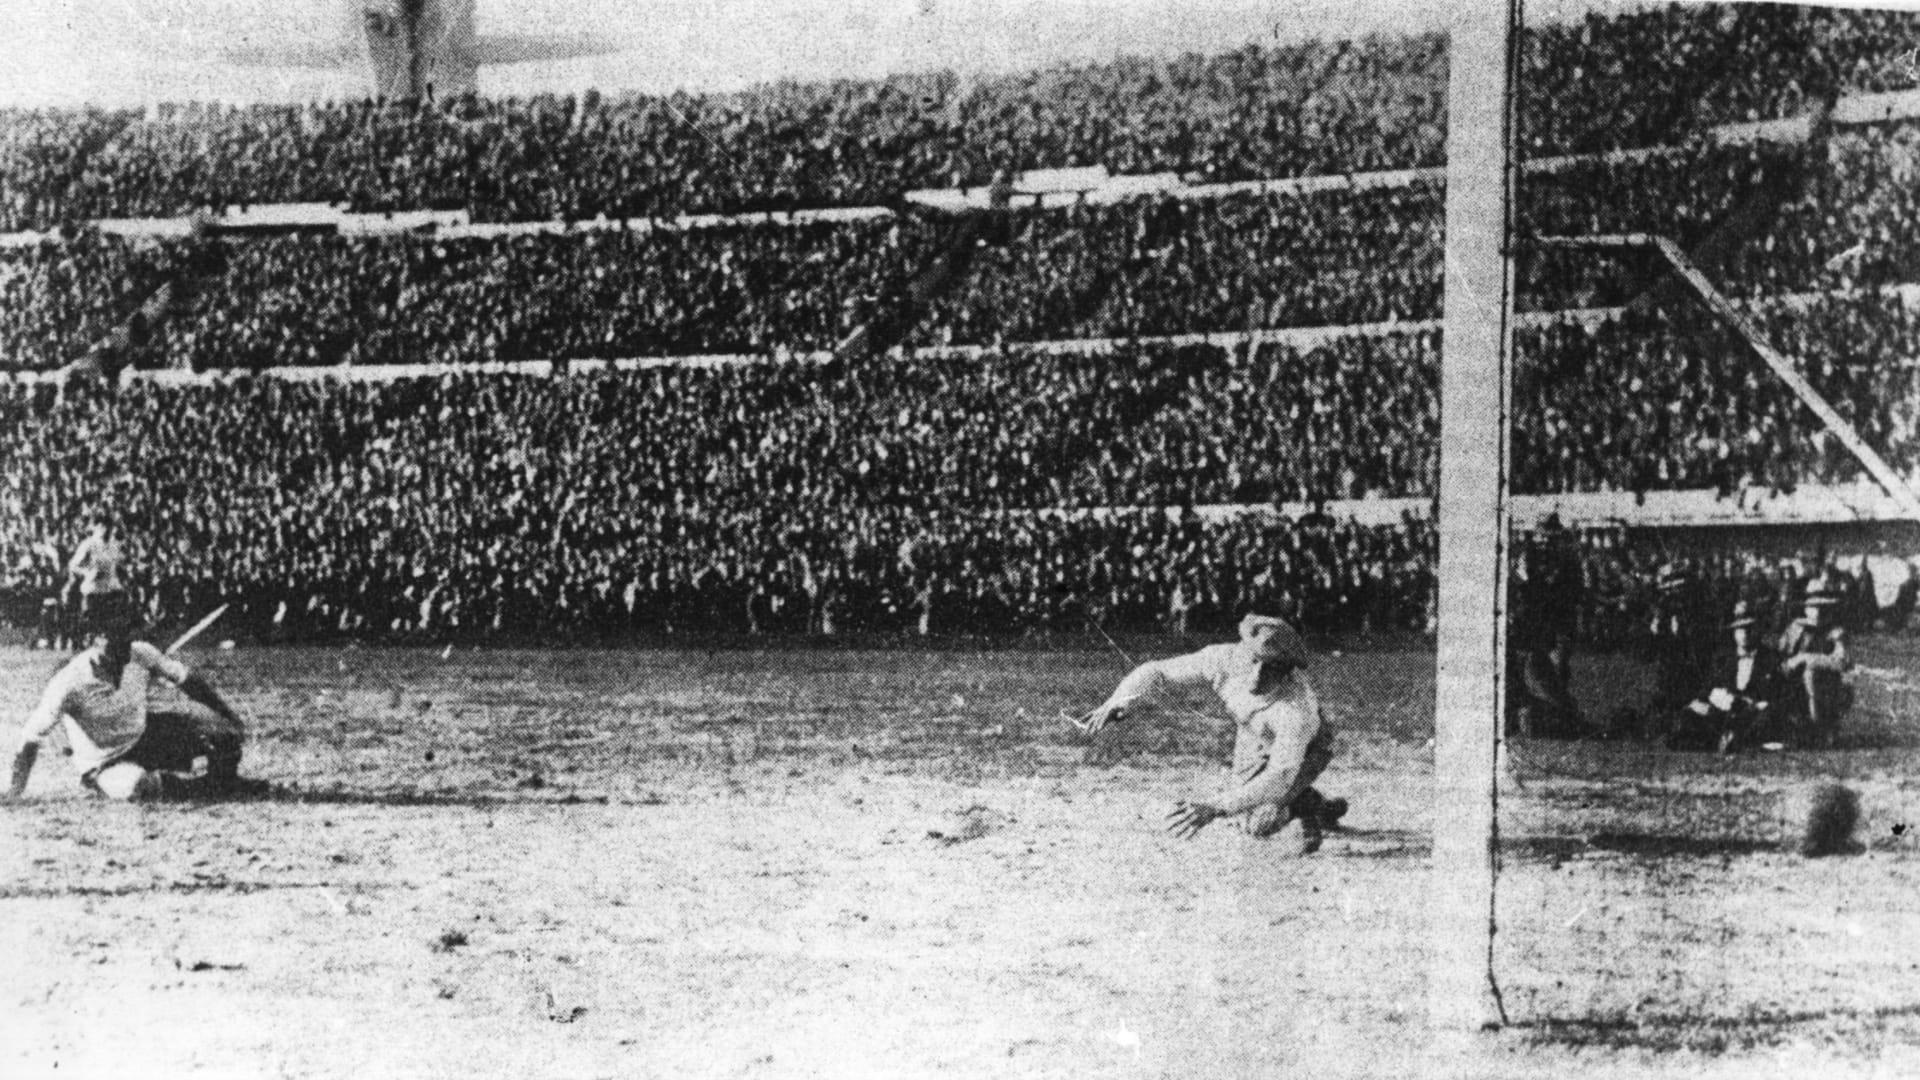 حكاية مونديال 1930.. أوروغواي تقلب الطاولة على الأرجنتين وملك بلجيكا يختار تشكيلة منتخبها